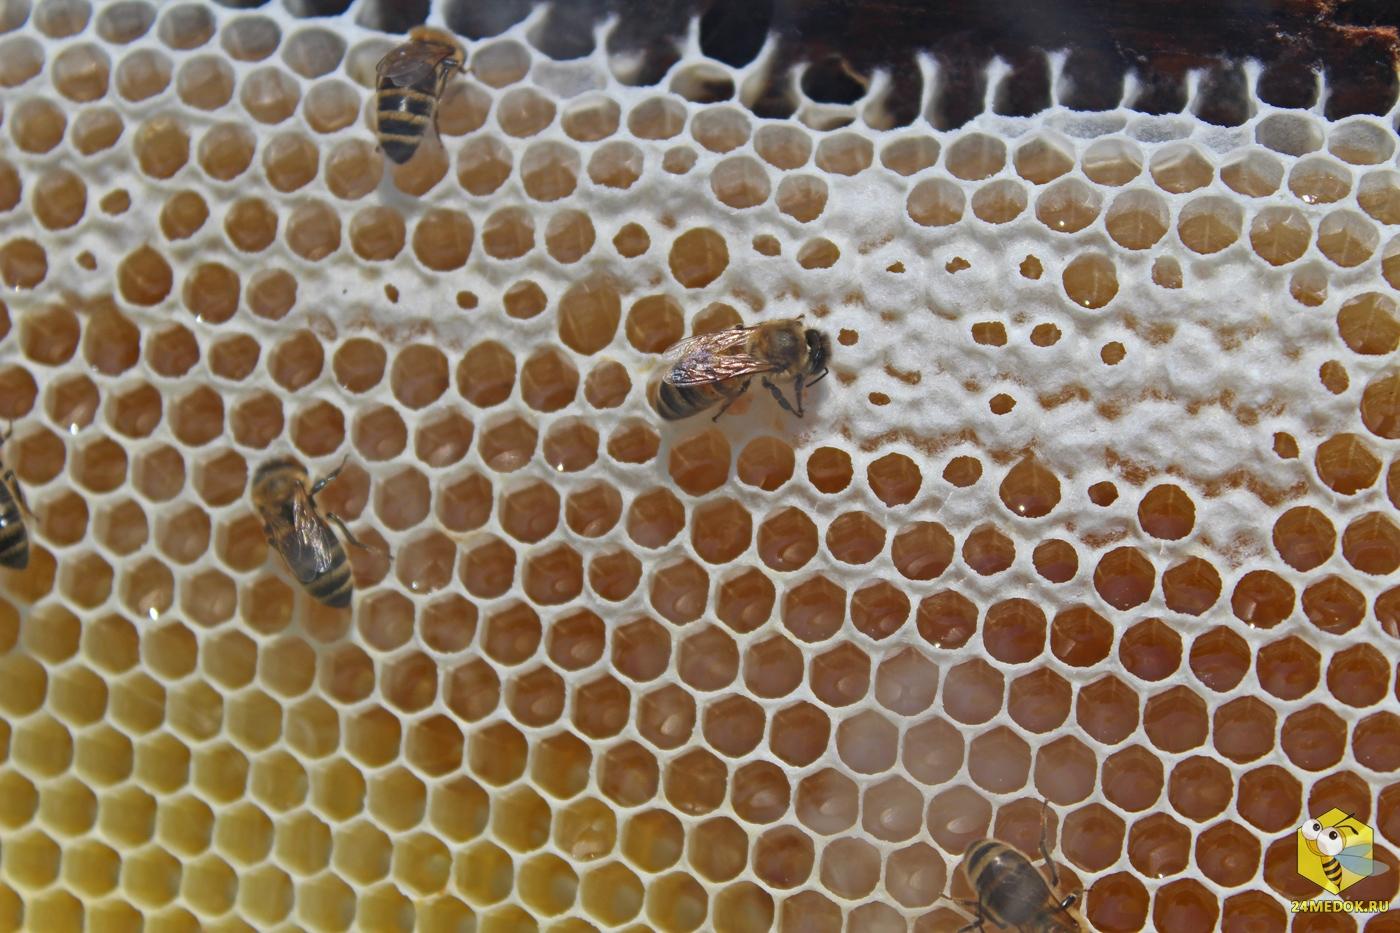 Как пчёлы делают соты? Мои домашние питомцы